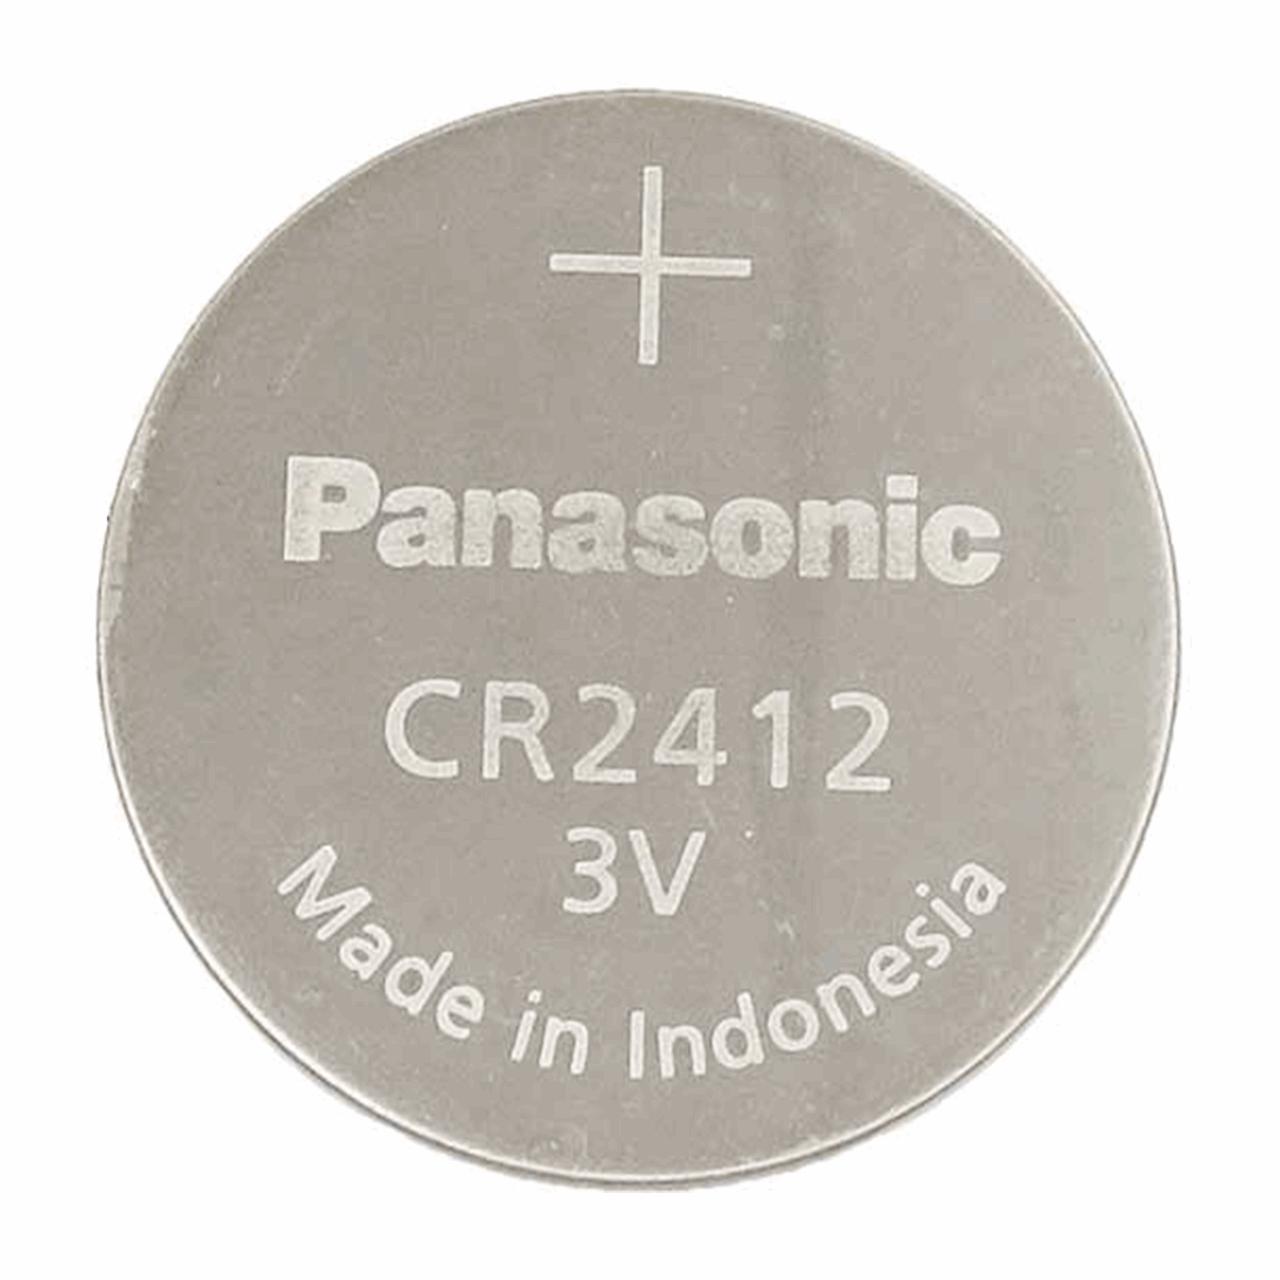 باتری سکه ای پاناسونیک مدل CR2412